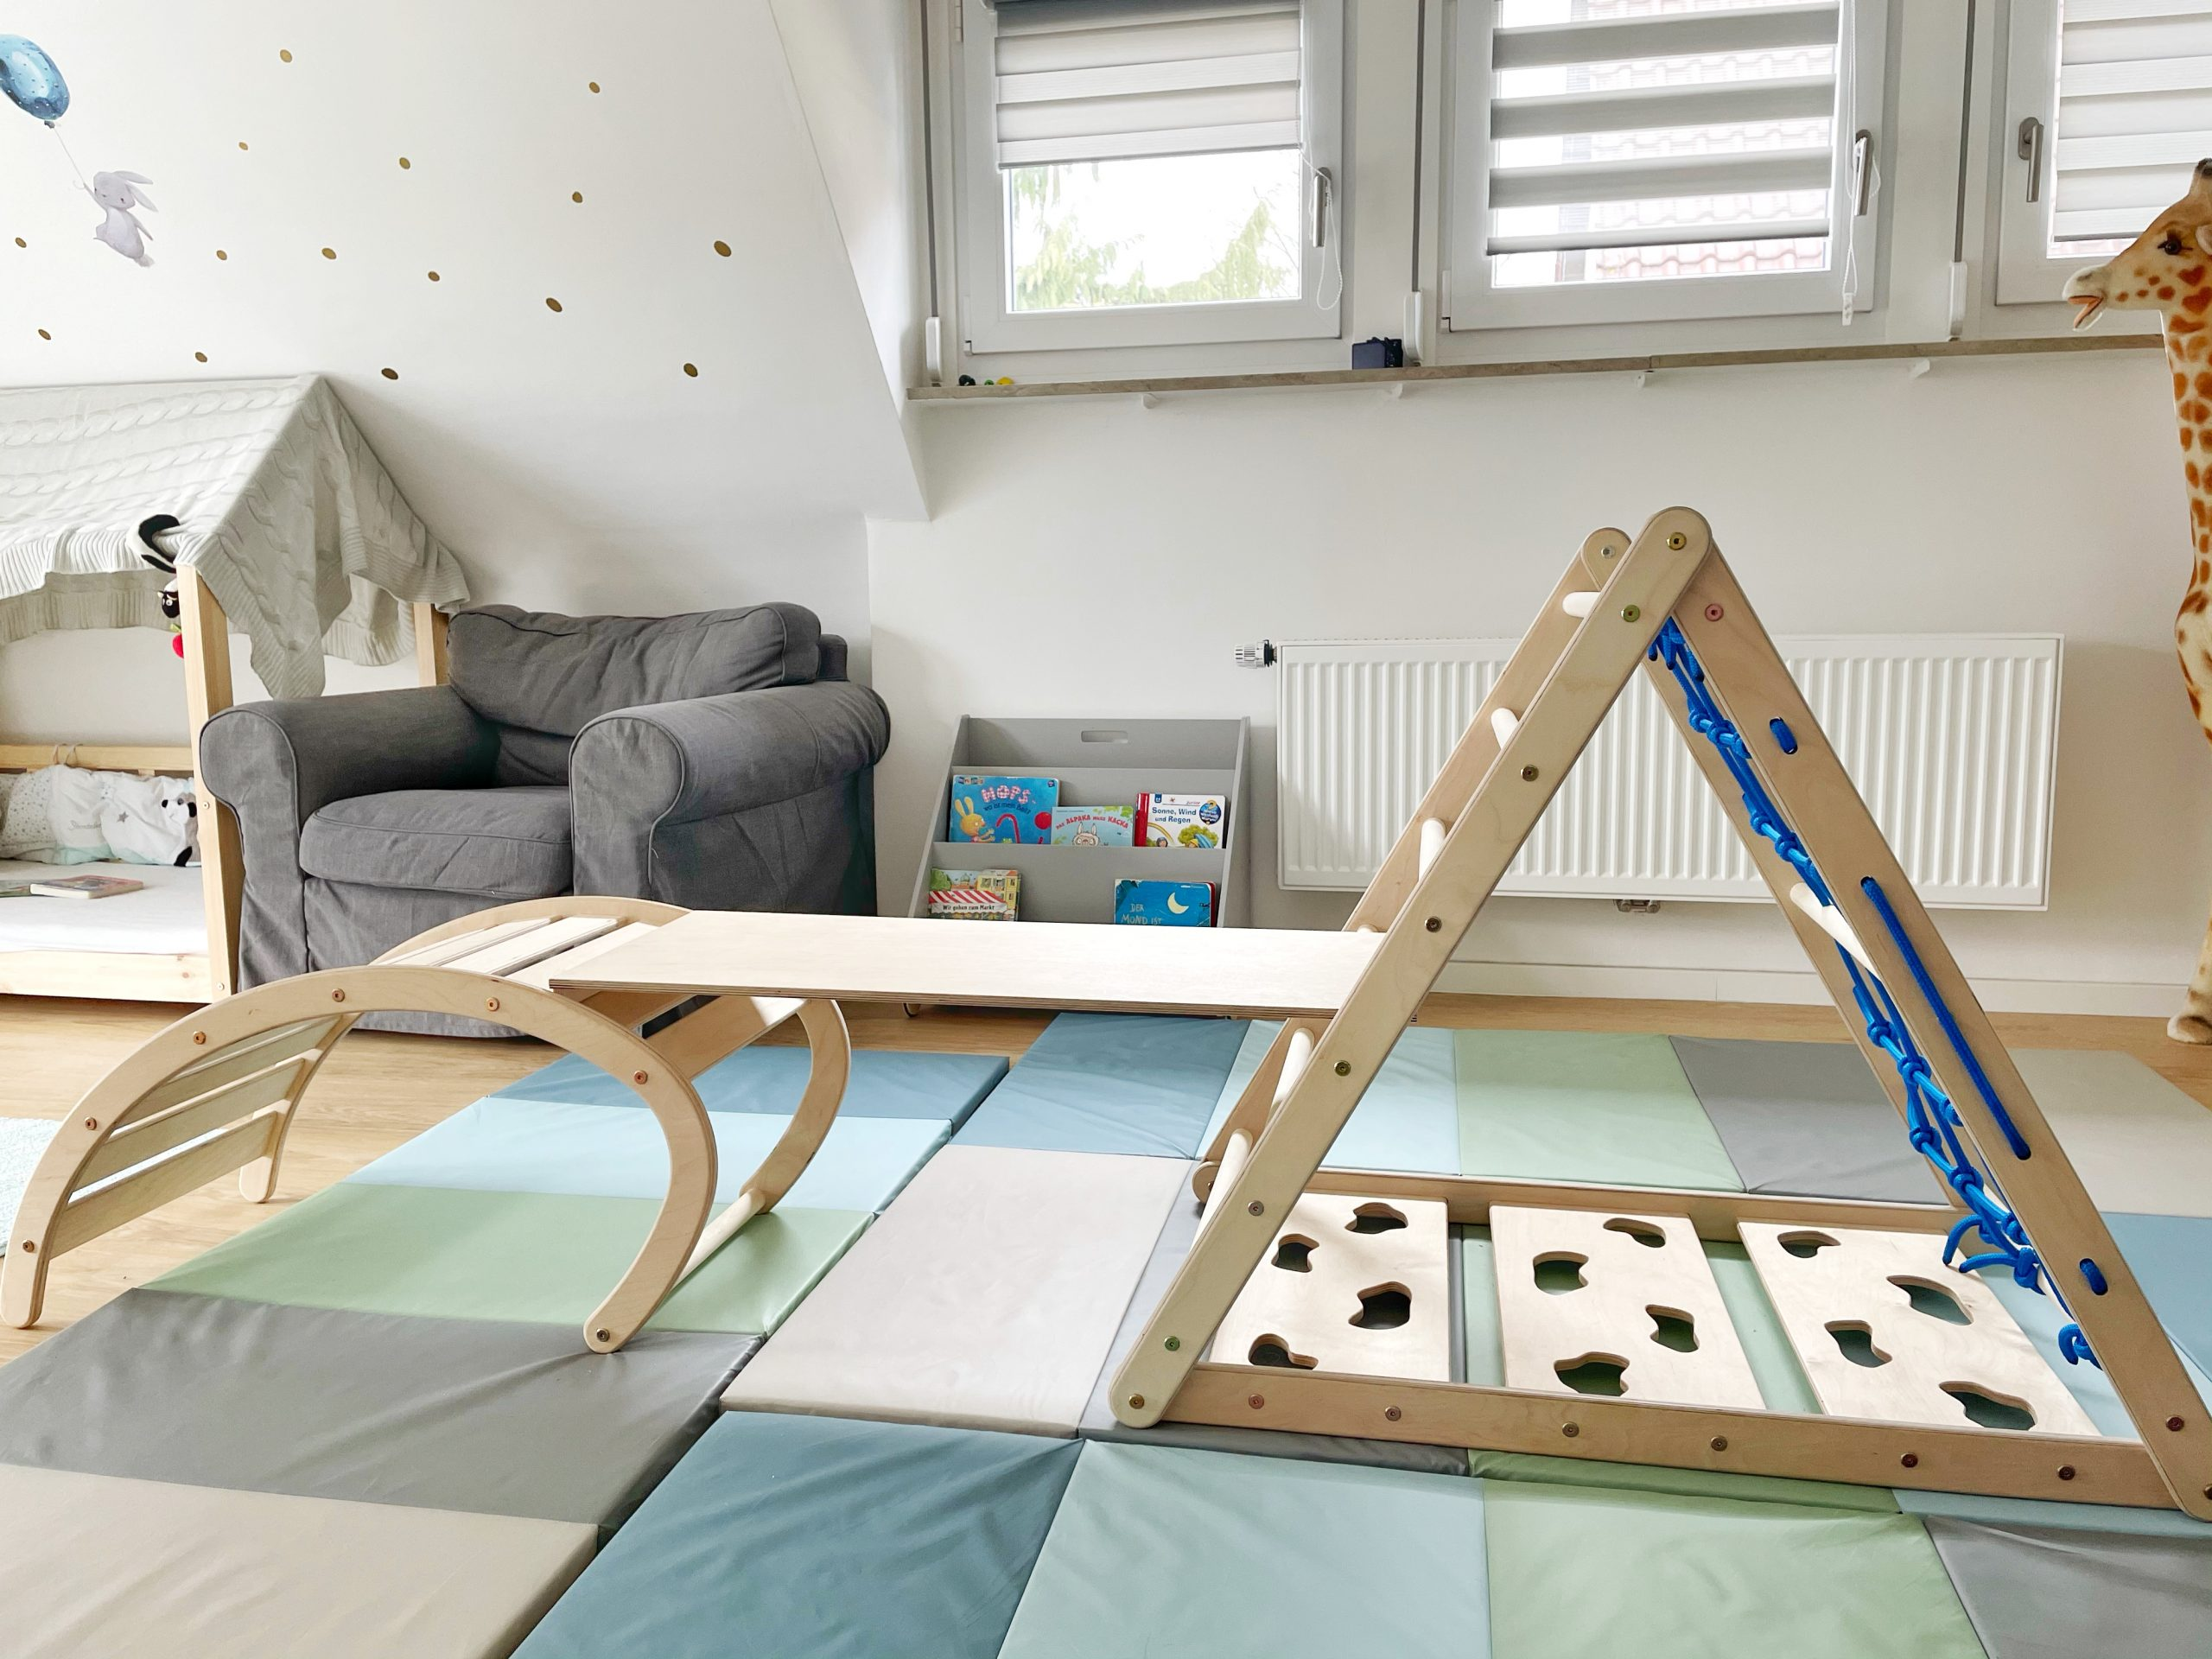 kids room in Germany